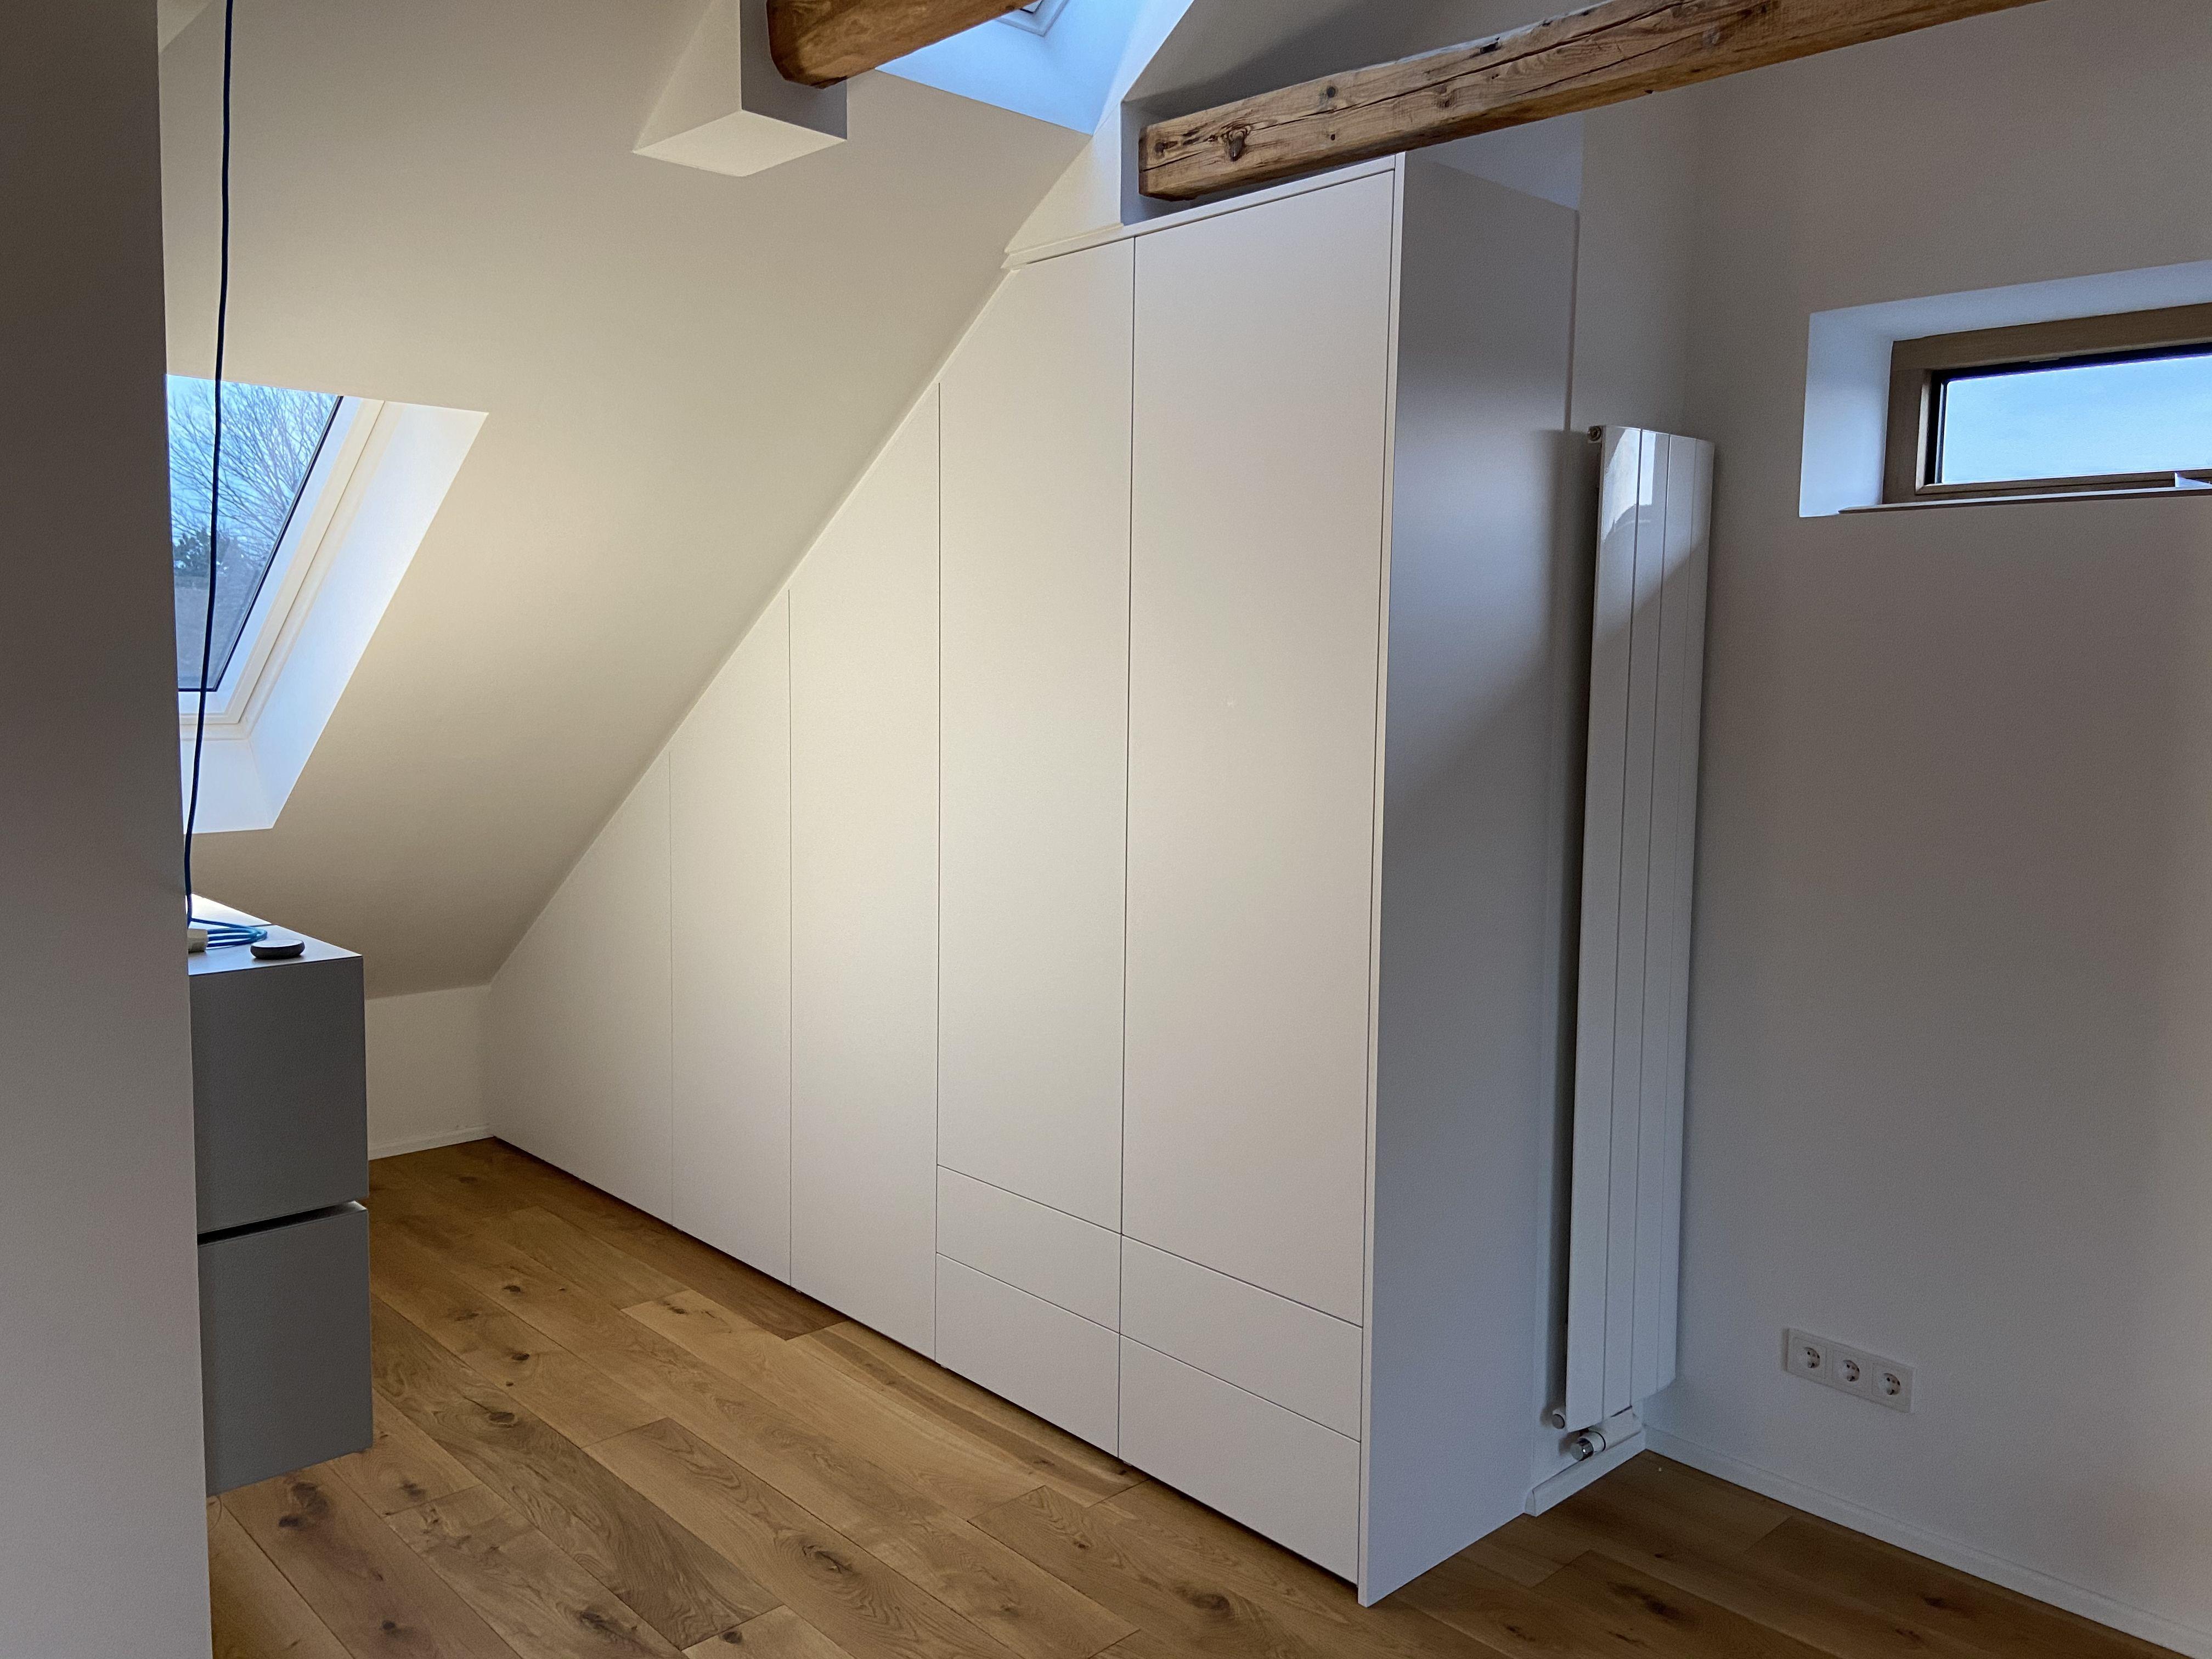 Kleiderschrank Unter Dachschrage In 2020 Dachschragenschrank Haus Design Plane Einbauschrank